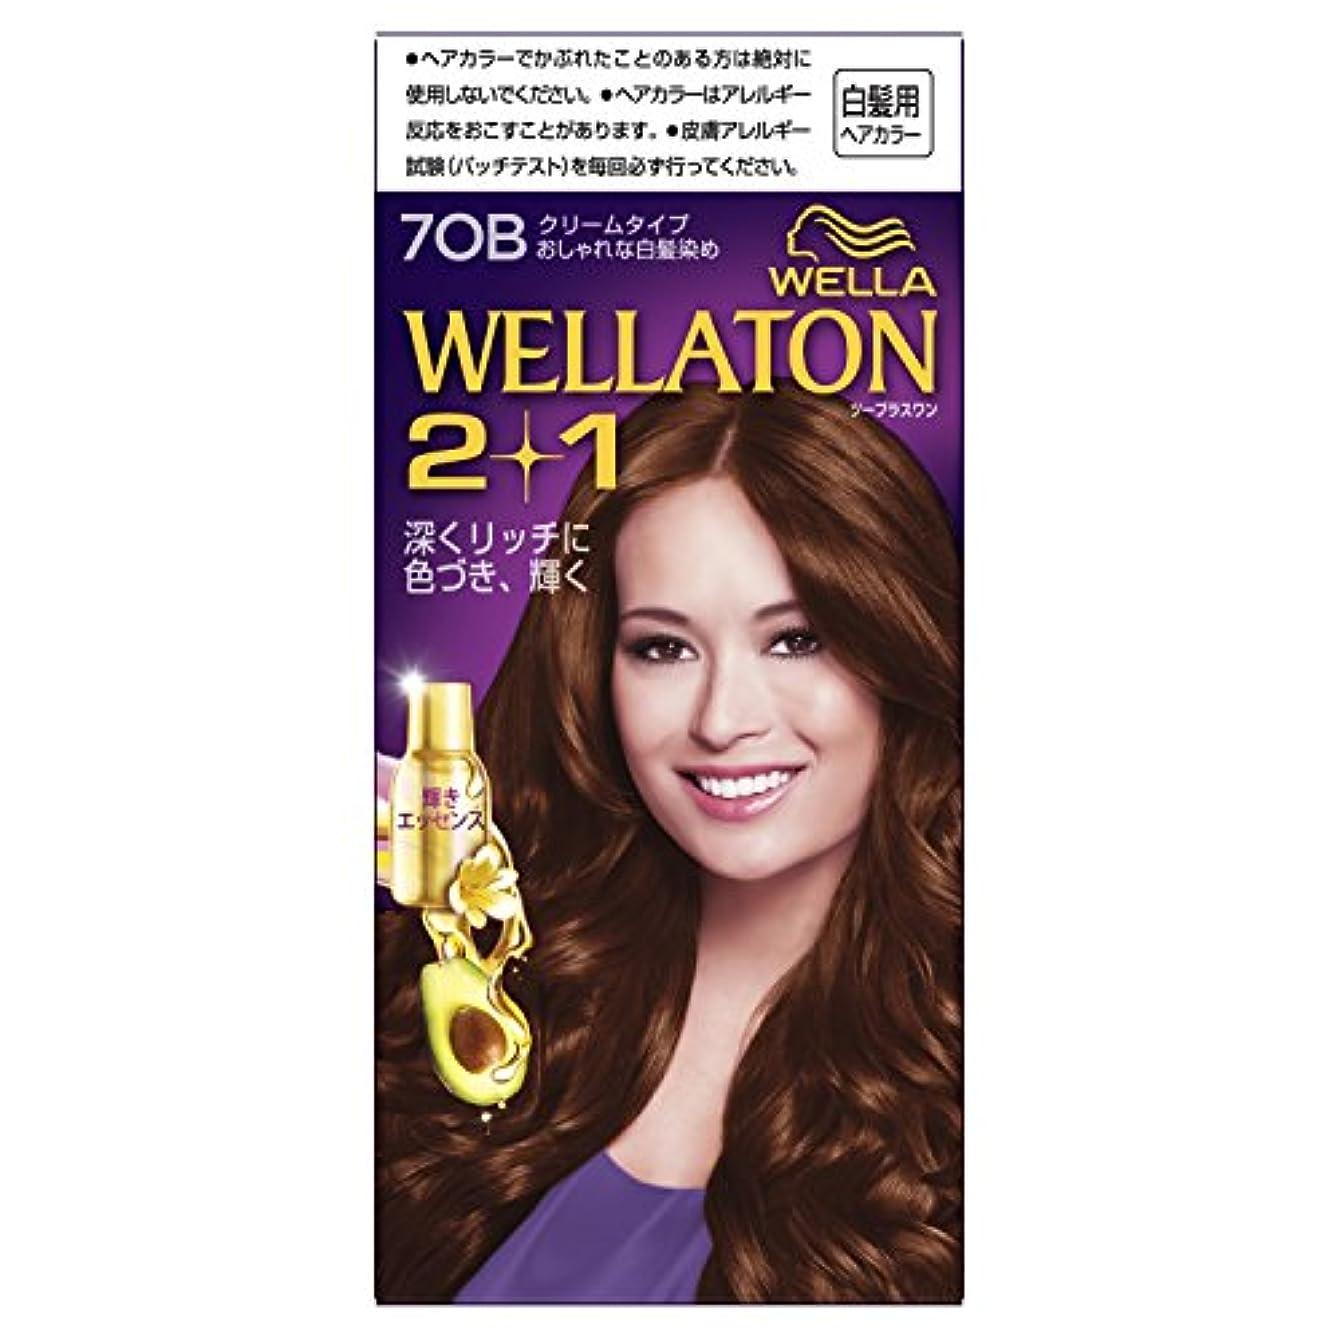 タイマーレビュー禁止するウエラトーン2+1 クリームタイプ 7OB [医薬部外品](おしゃれな白髪染め)